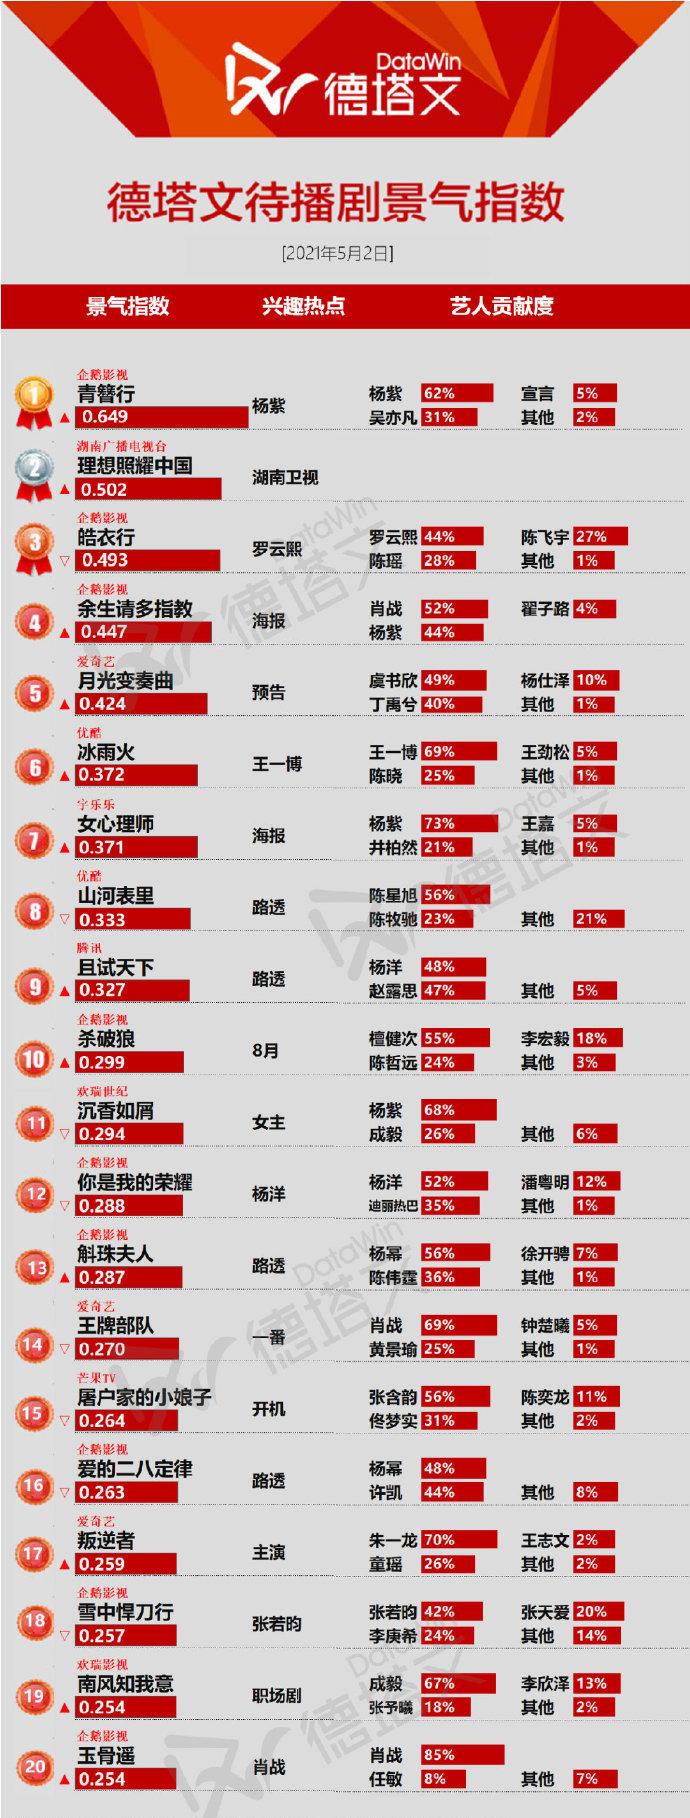 待播剧景气榜单出炉,肖战有3部量最多,杨紫凭《青簪行》居榜首